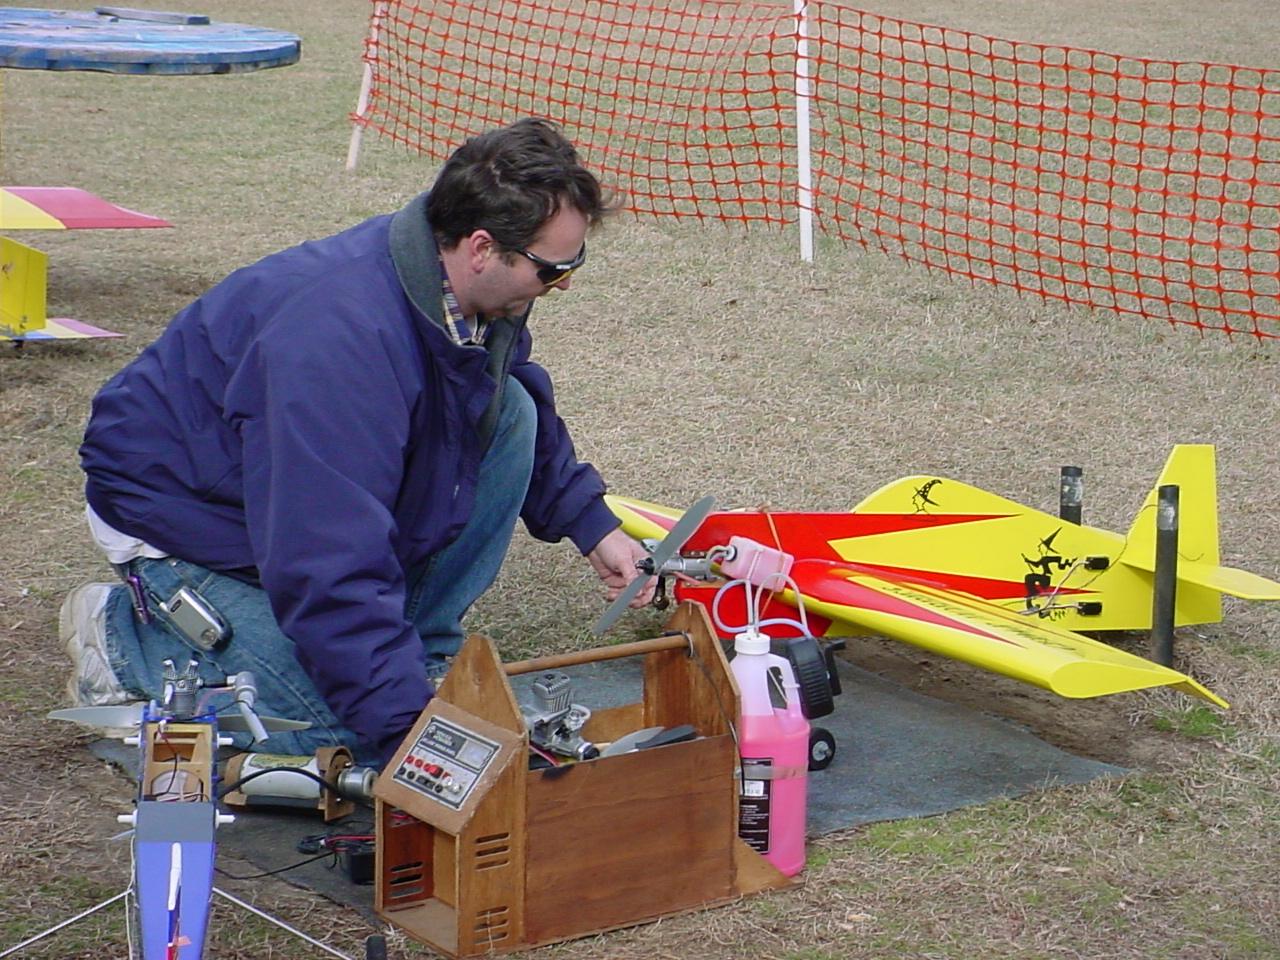 cbrc-january-1-2006-fly-05